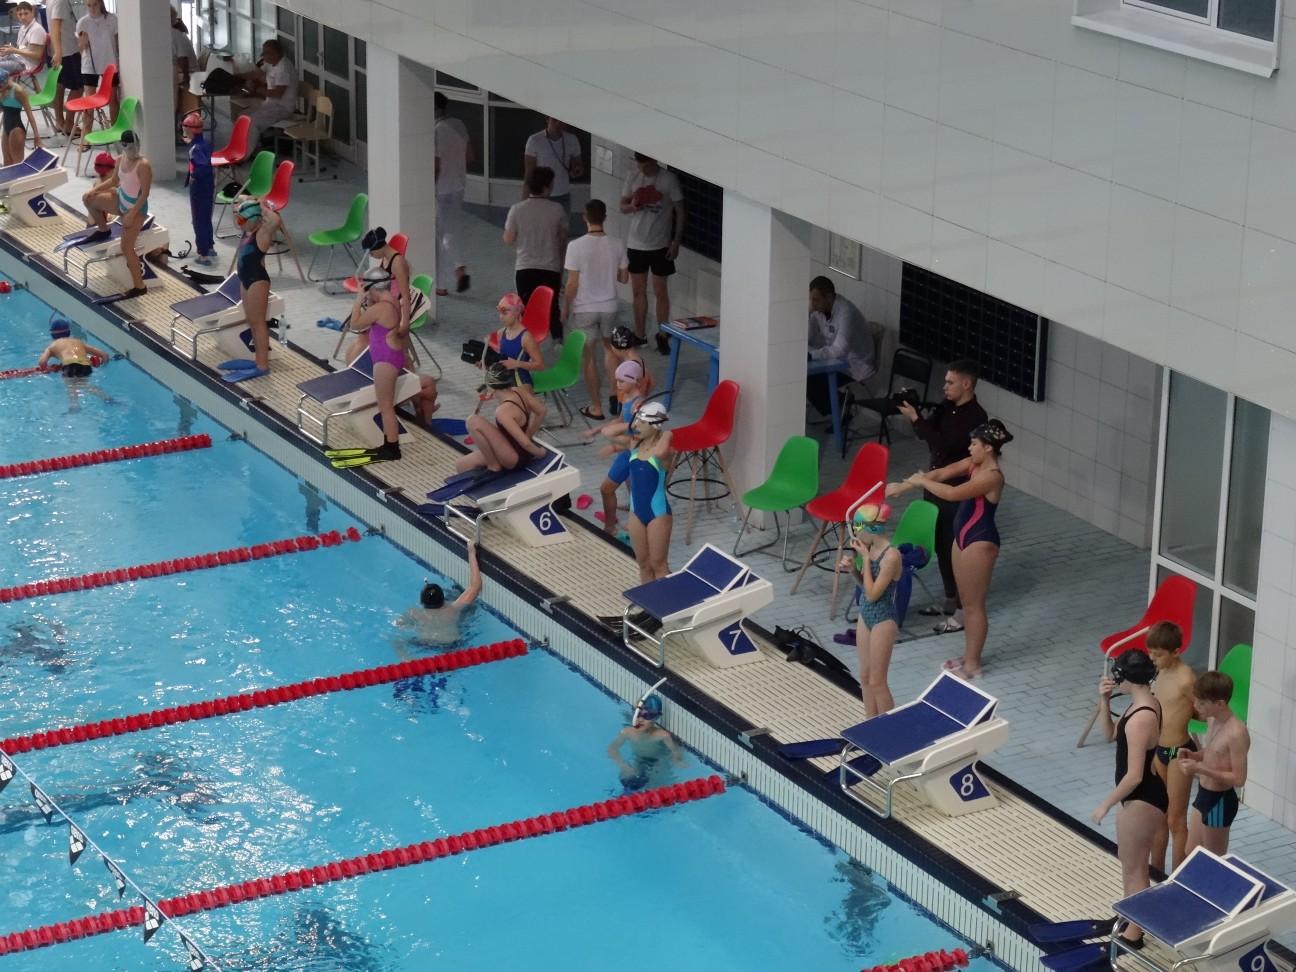 Пловцы невидимого фронта. Ярославская школа подводного спорта прославилась на весь мир